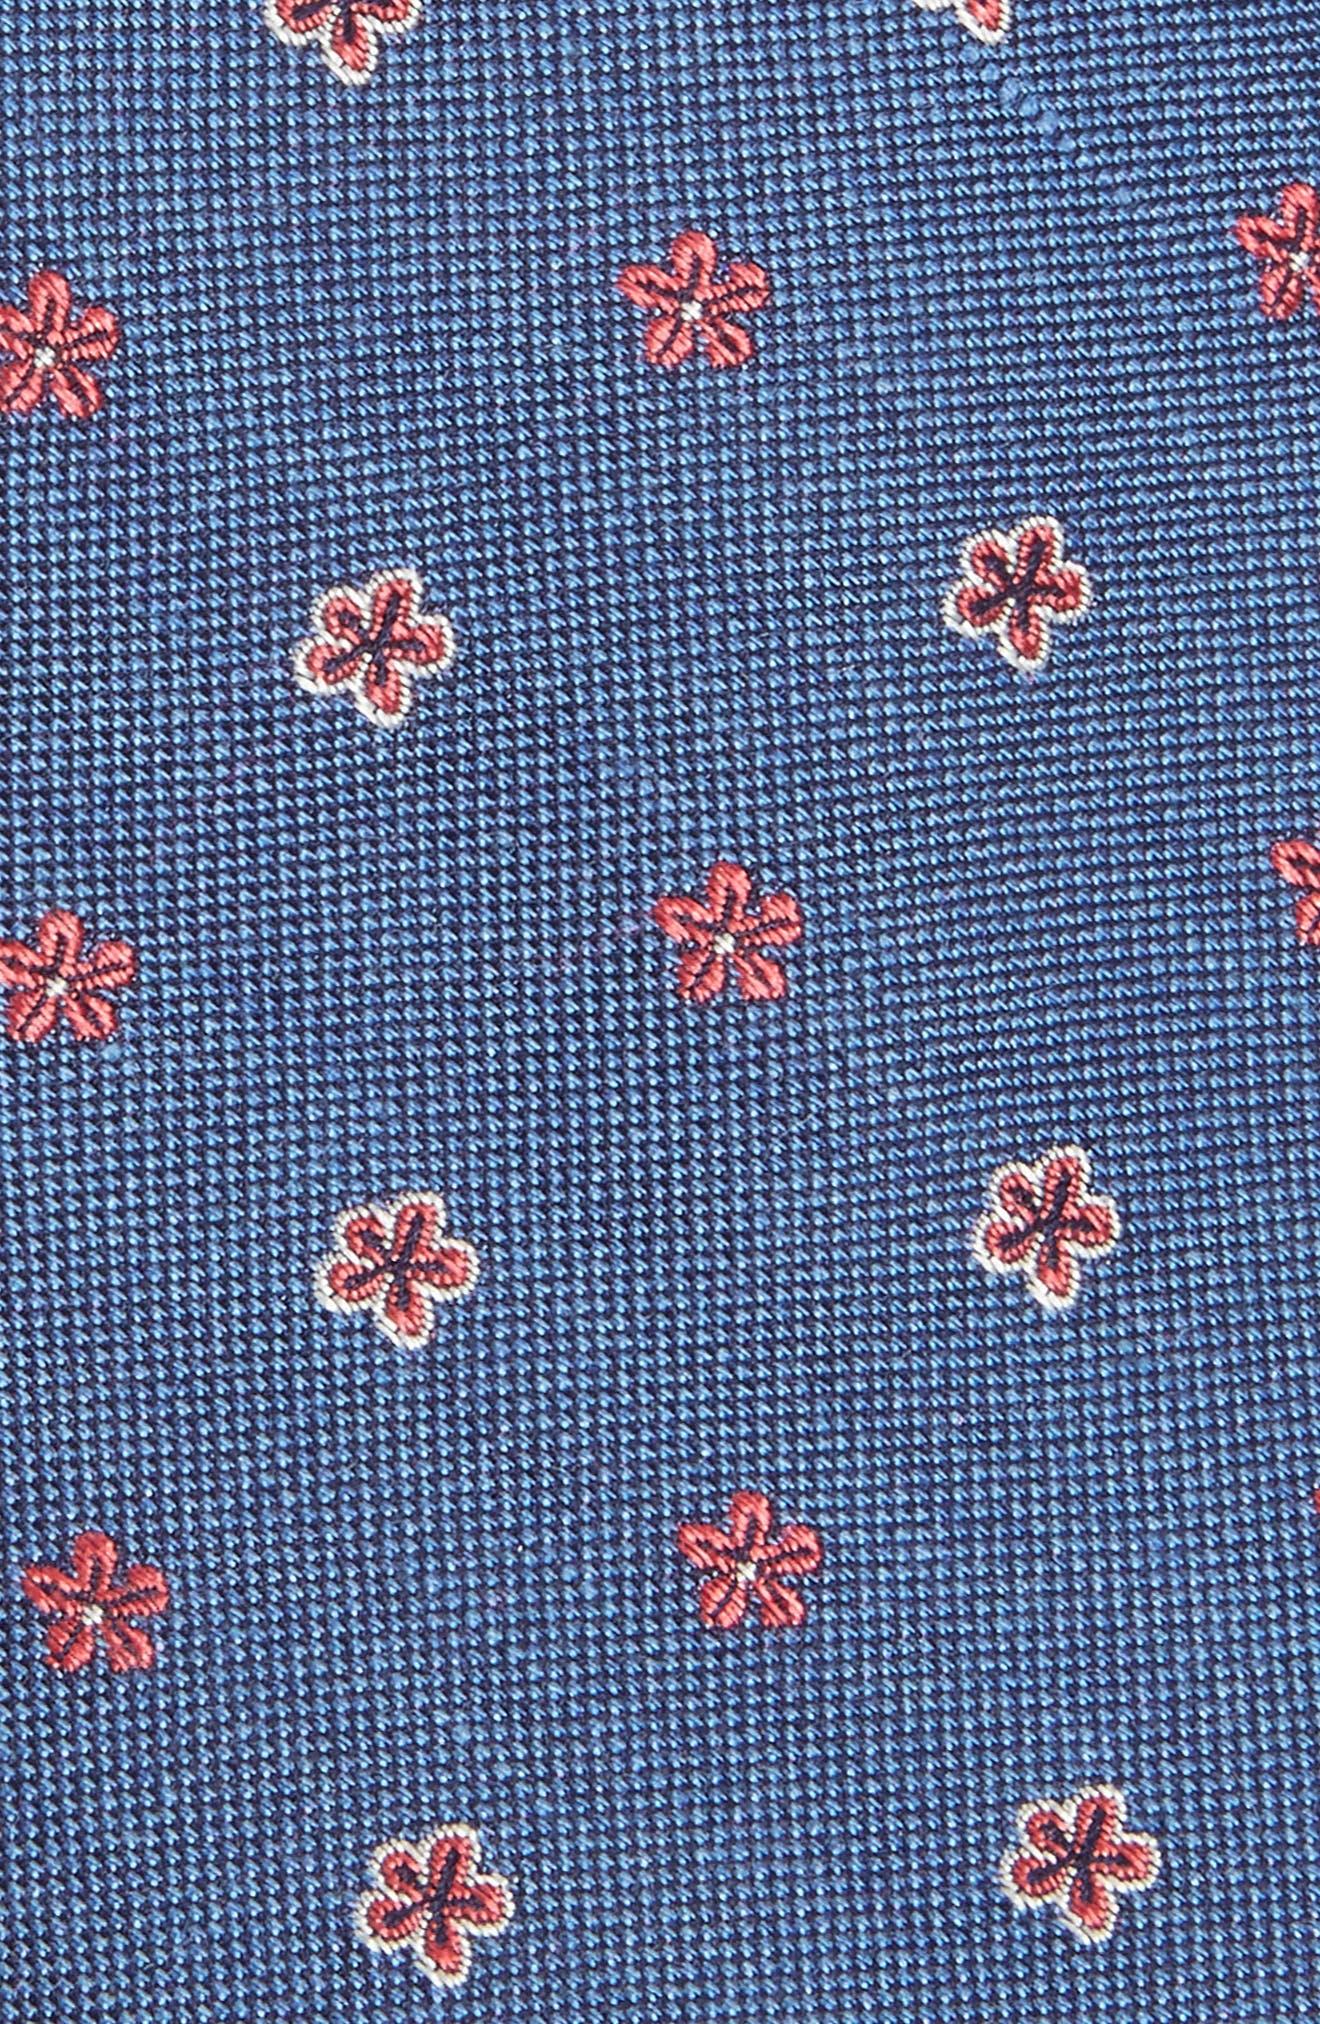 Essex Floral Silk Blend Tie,                             Alternate thumbnail 2, color,                             400